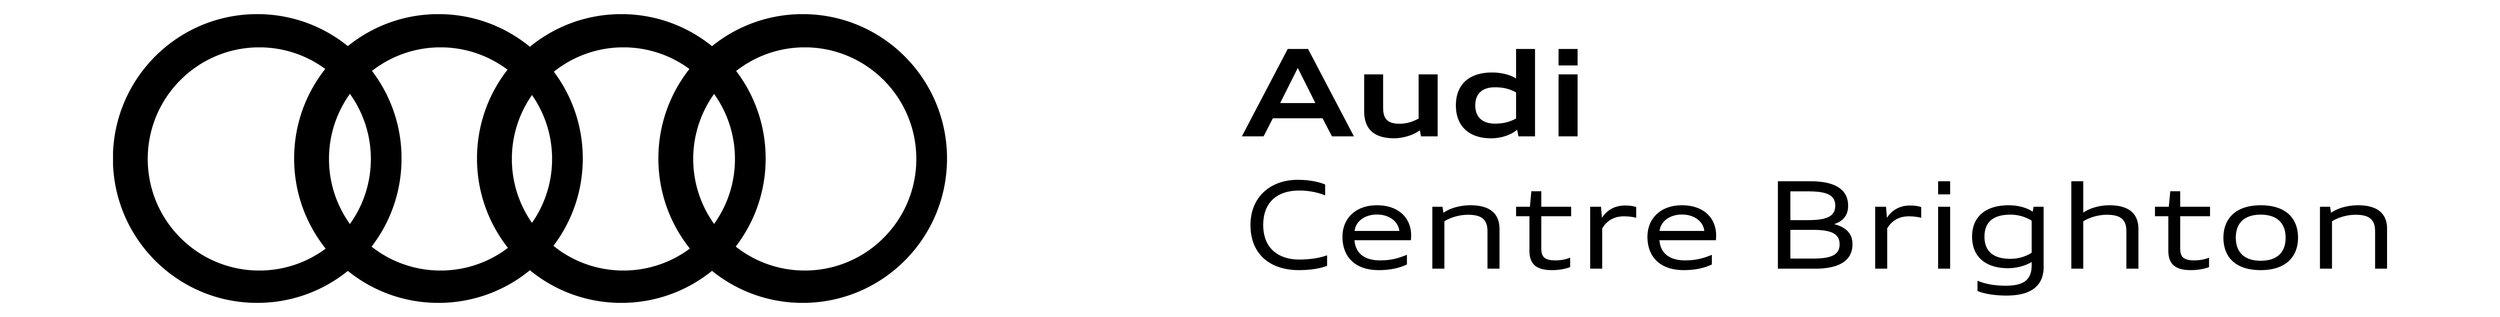 Audi_Centre_Brighton_Left_ALL-MONO-300dpi.jpg